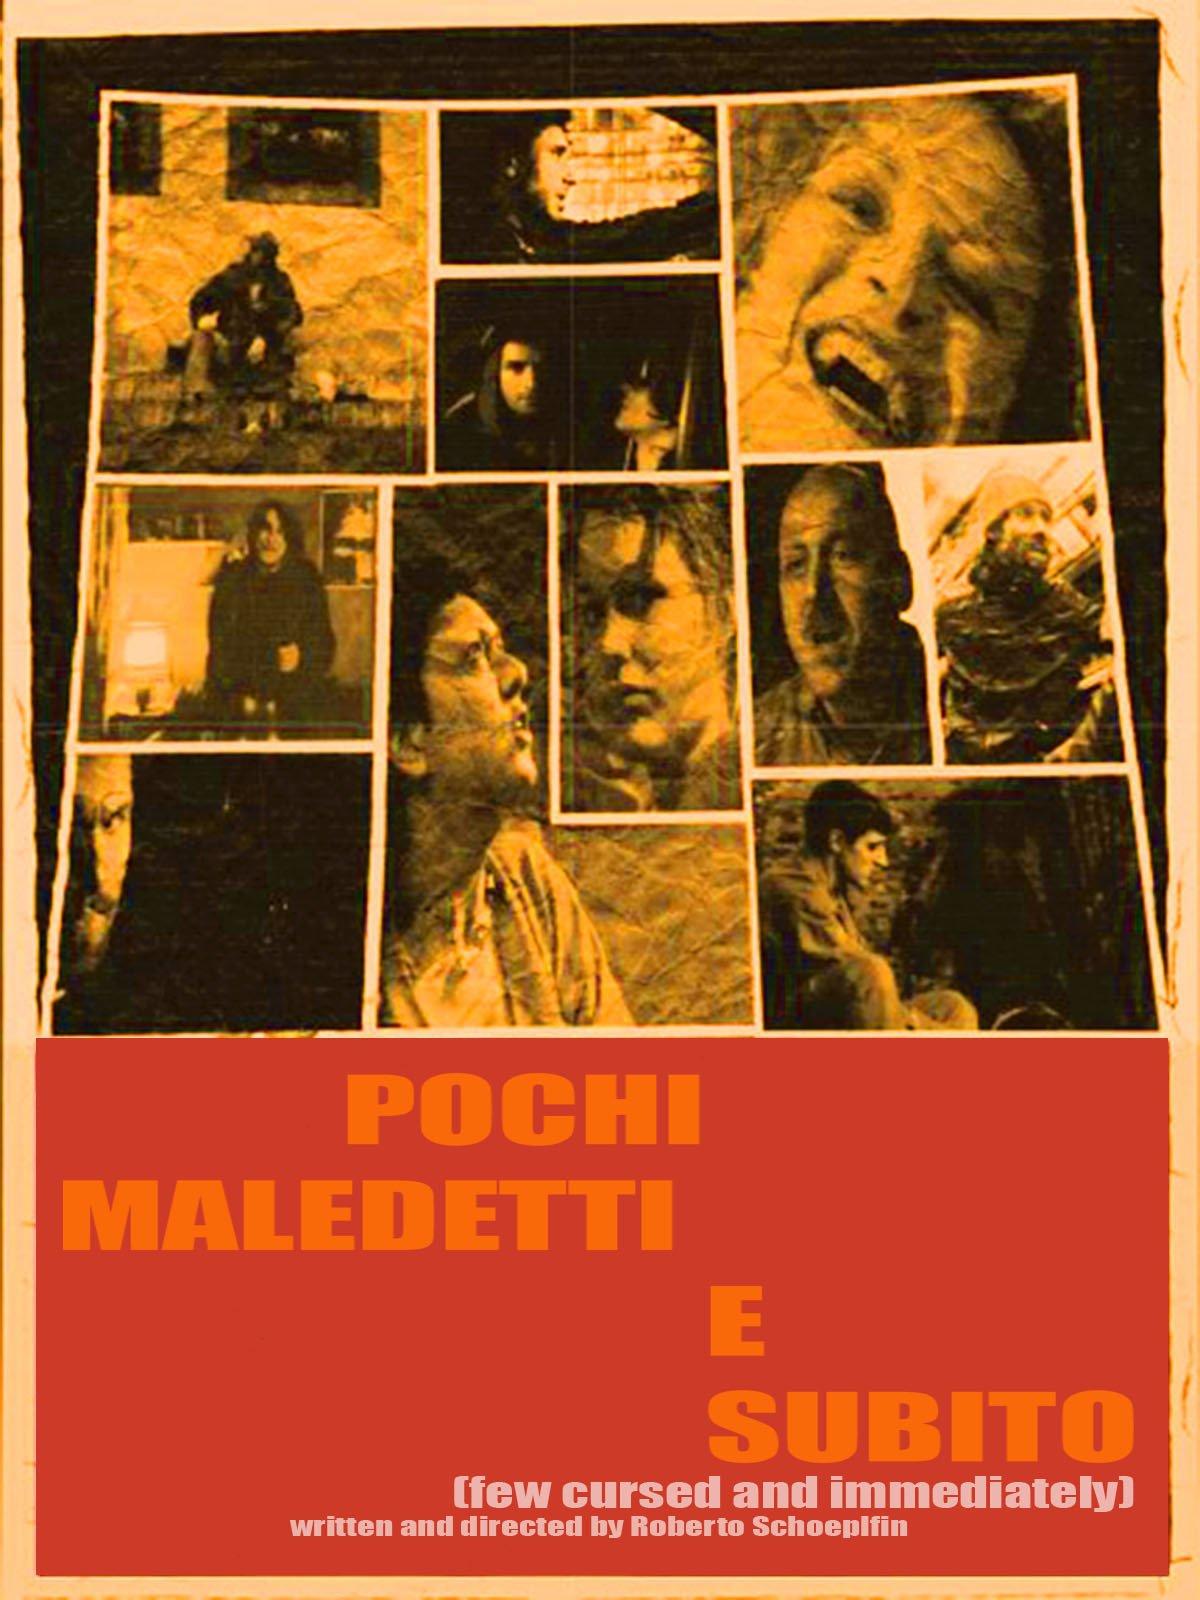 Pochi maledetti e subito (few cursed and immediately)